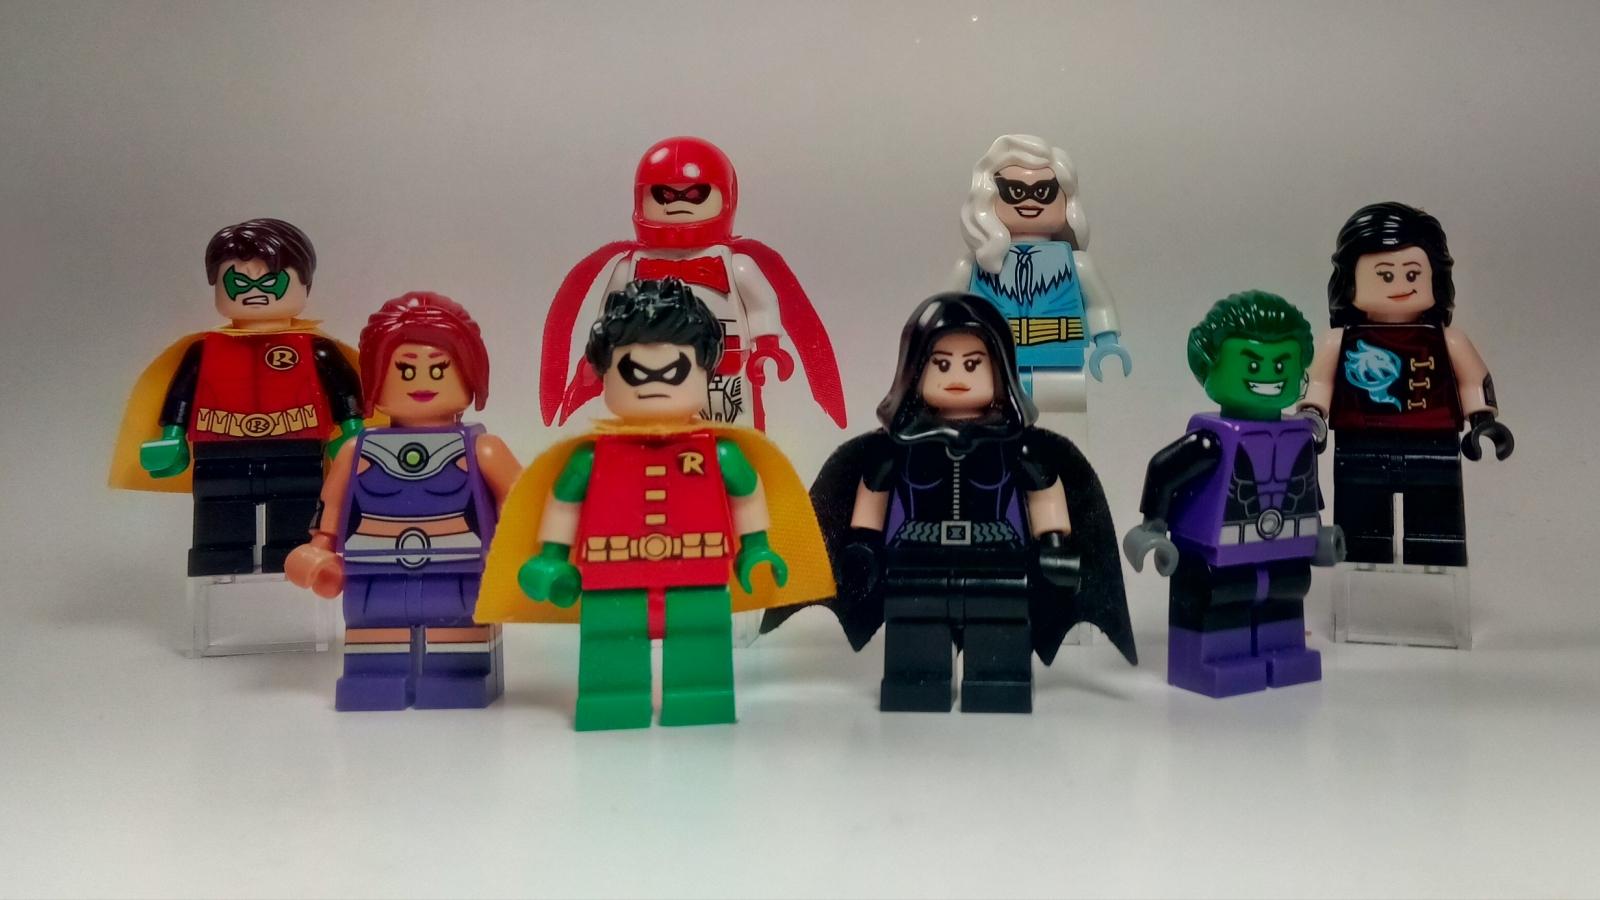 Muñecos de lego de super héroes - 1600x900